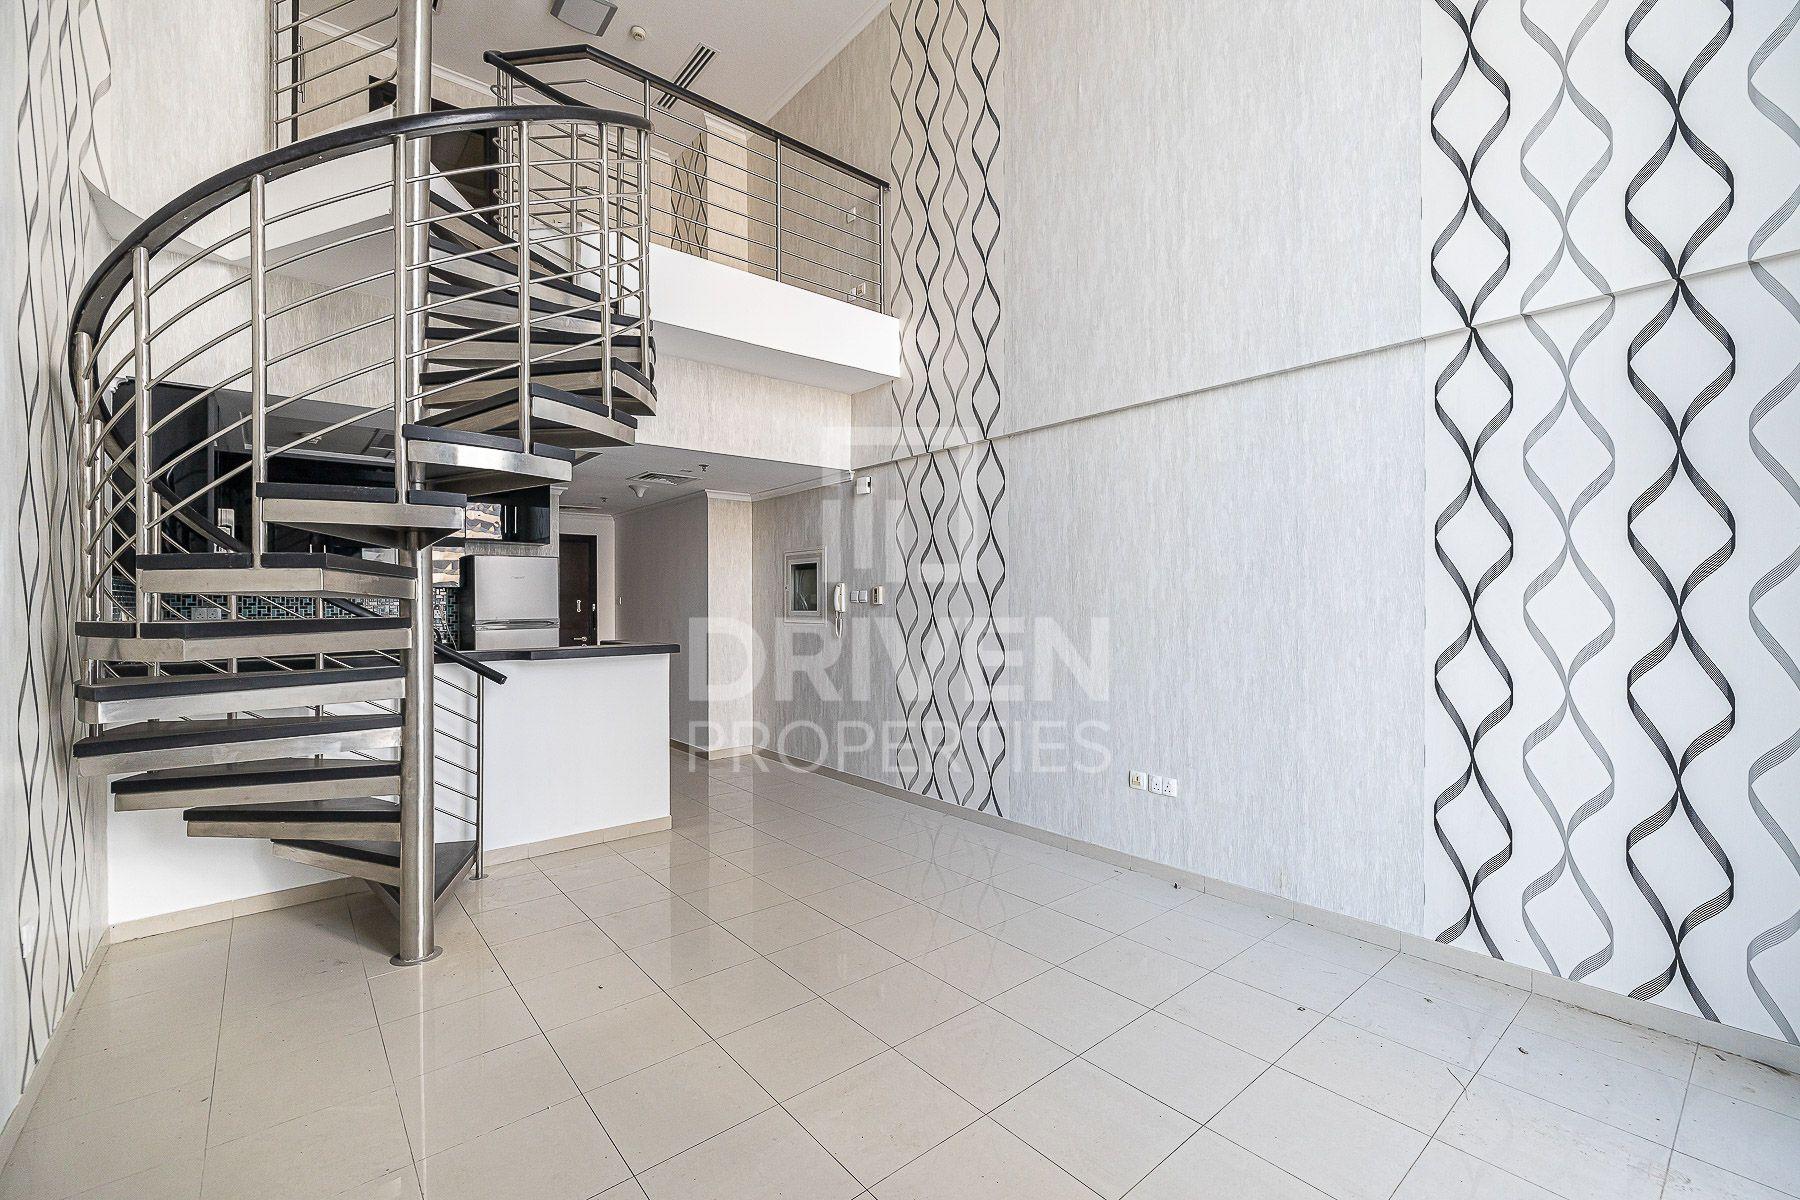 للايجار - شقة - برج بوتانيكا - دبي مارينا